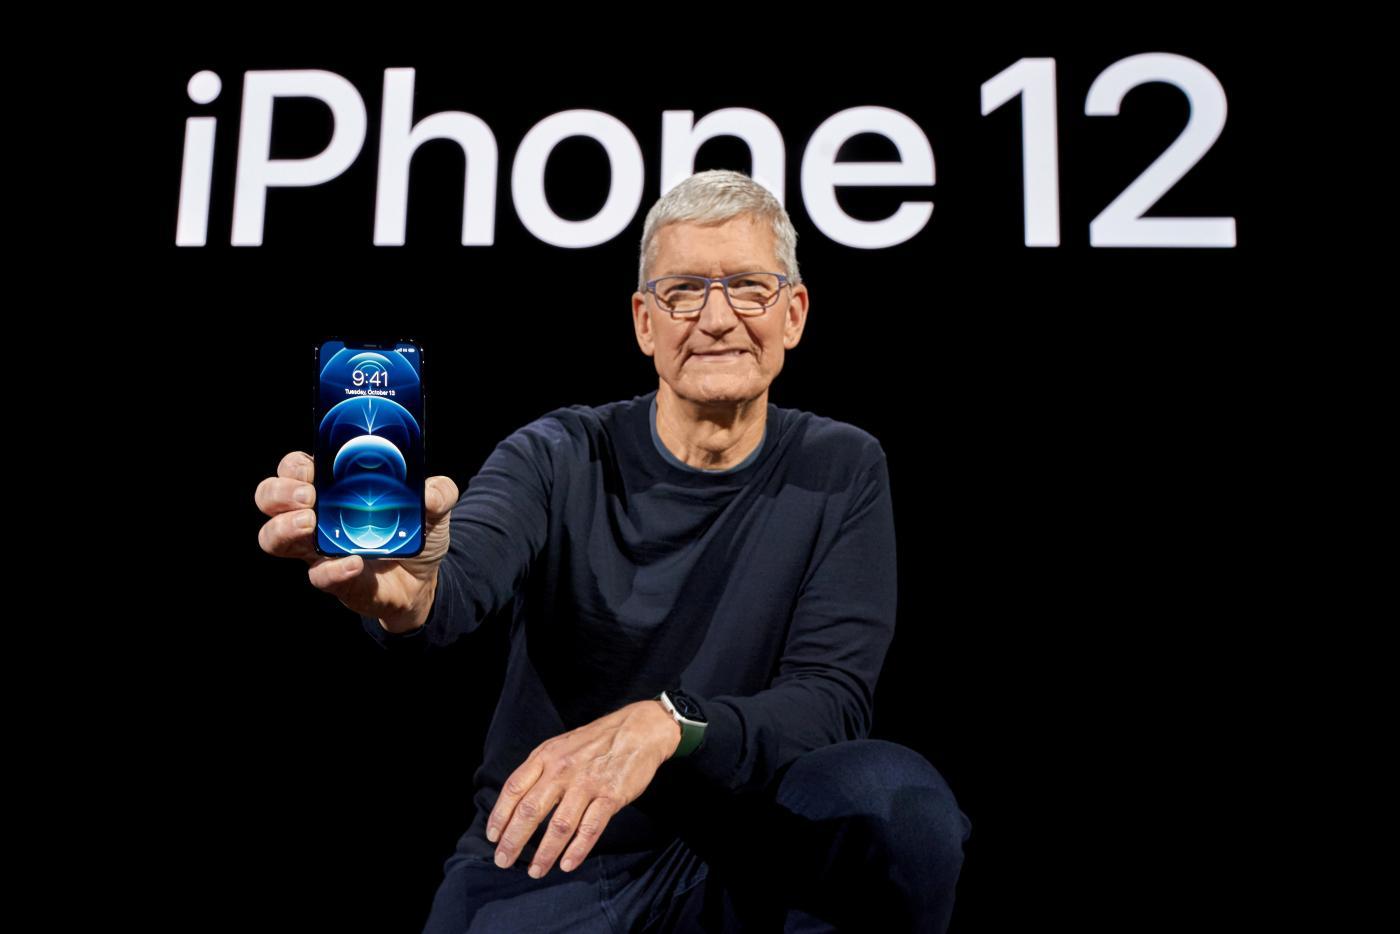 Foto de O iPhone 12 da Apple pode revolucionar o futuro da cobrança: quartzo